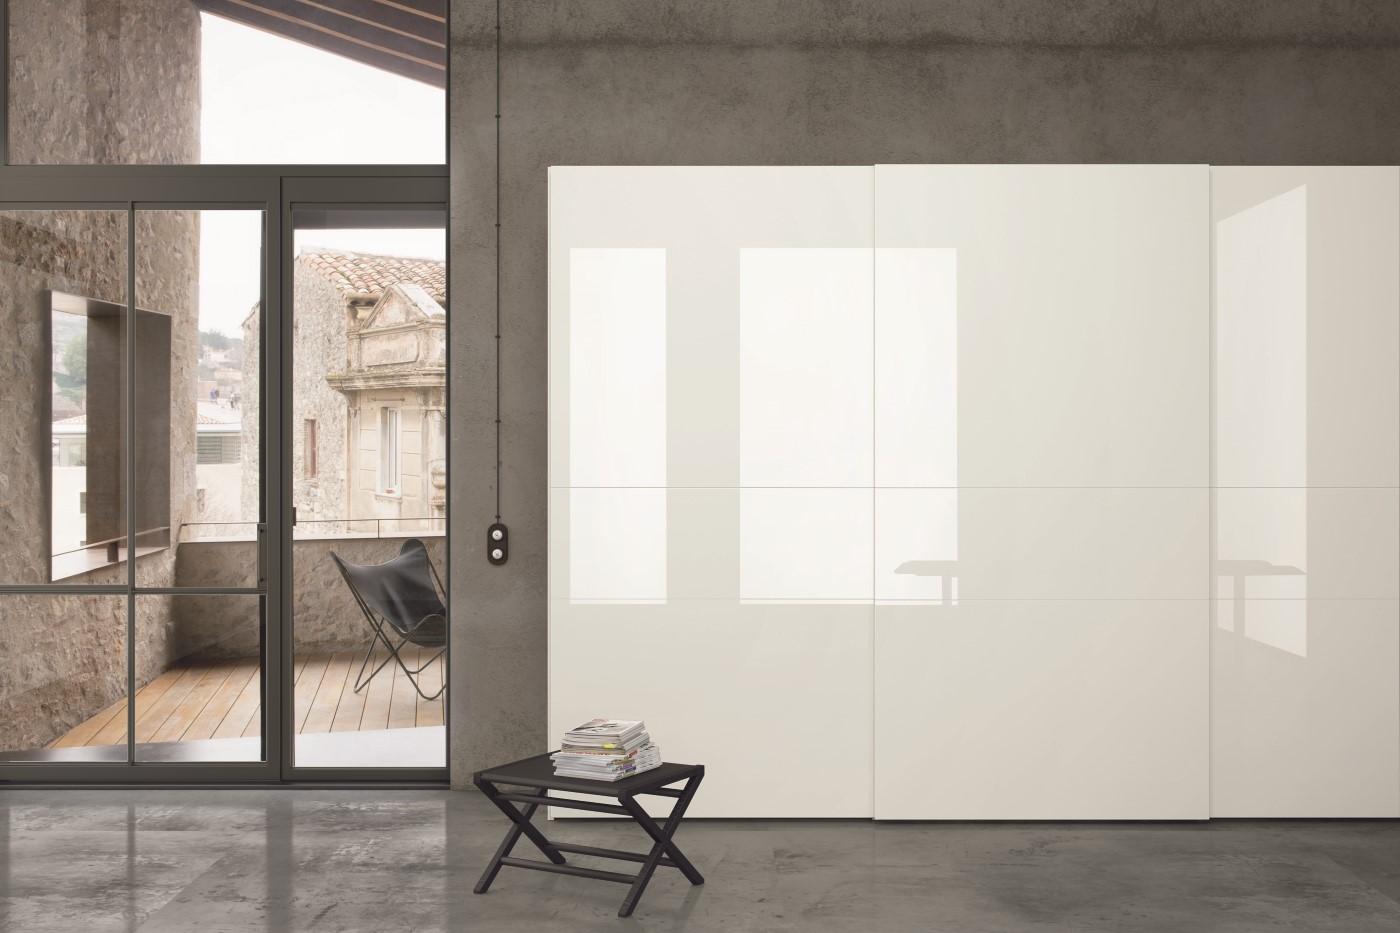 Armarios y muebles elegantes y barato online en valencia for Armarios elegantes